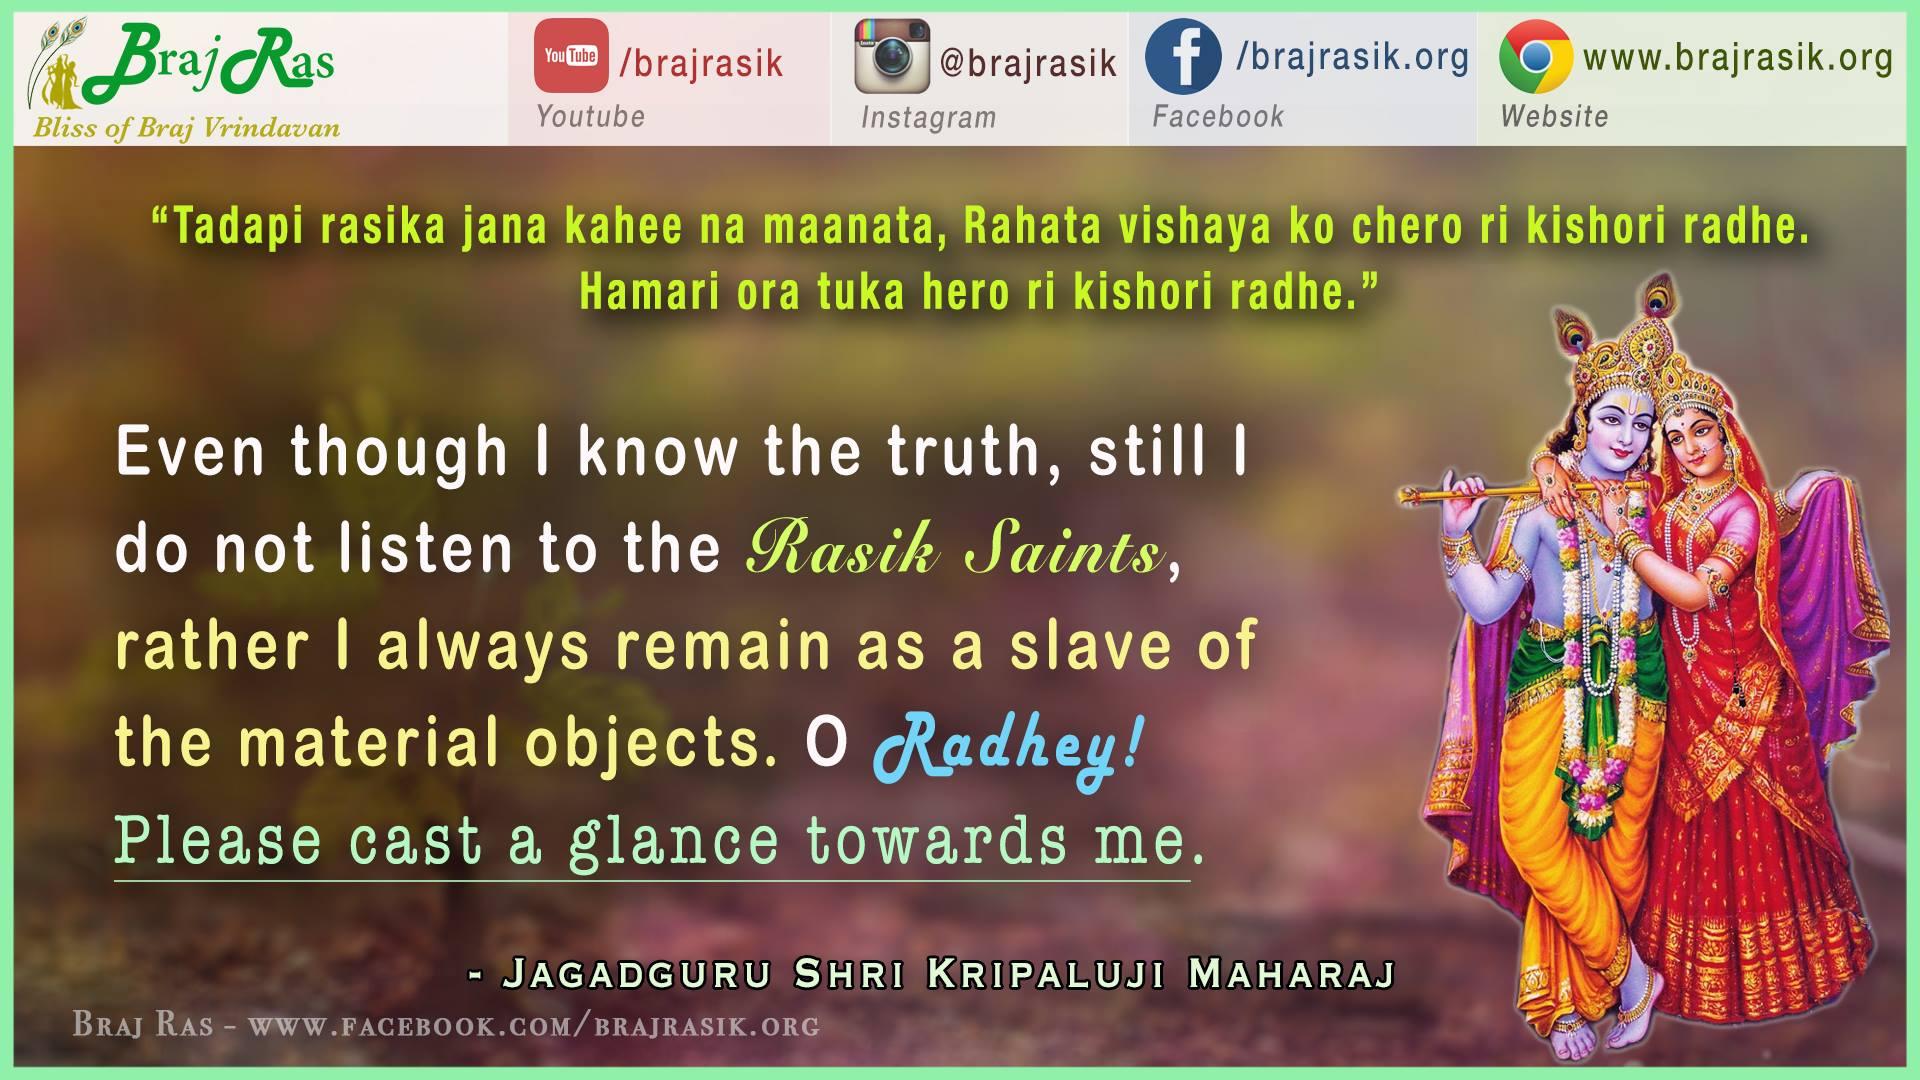 Tadapi rasika janakahee na maanata  - Jagadguru Shri Kripaluji Maharaj